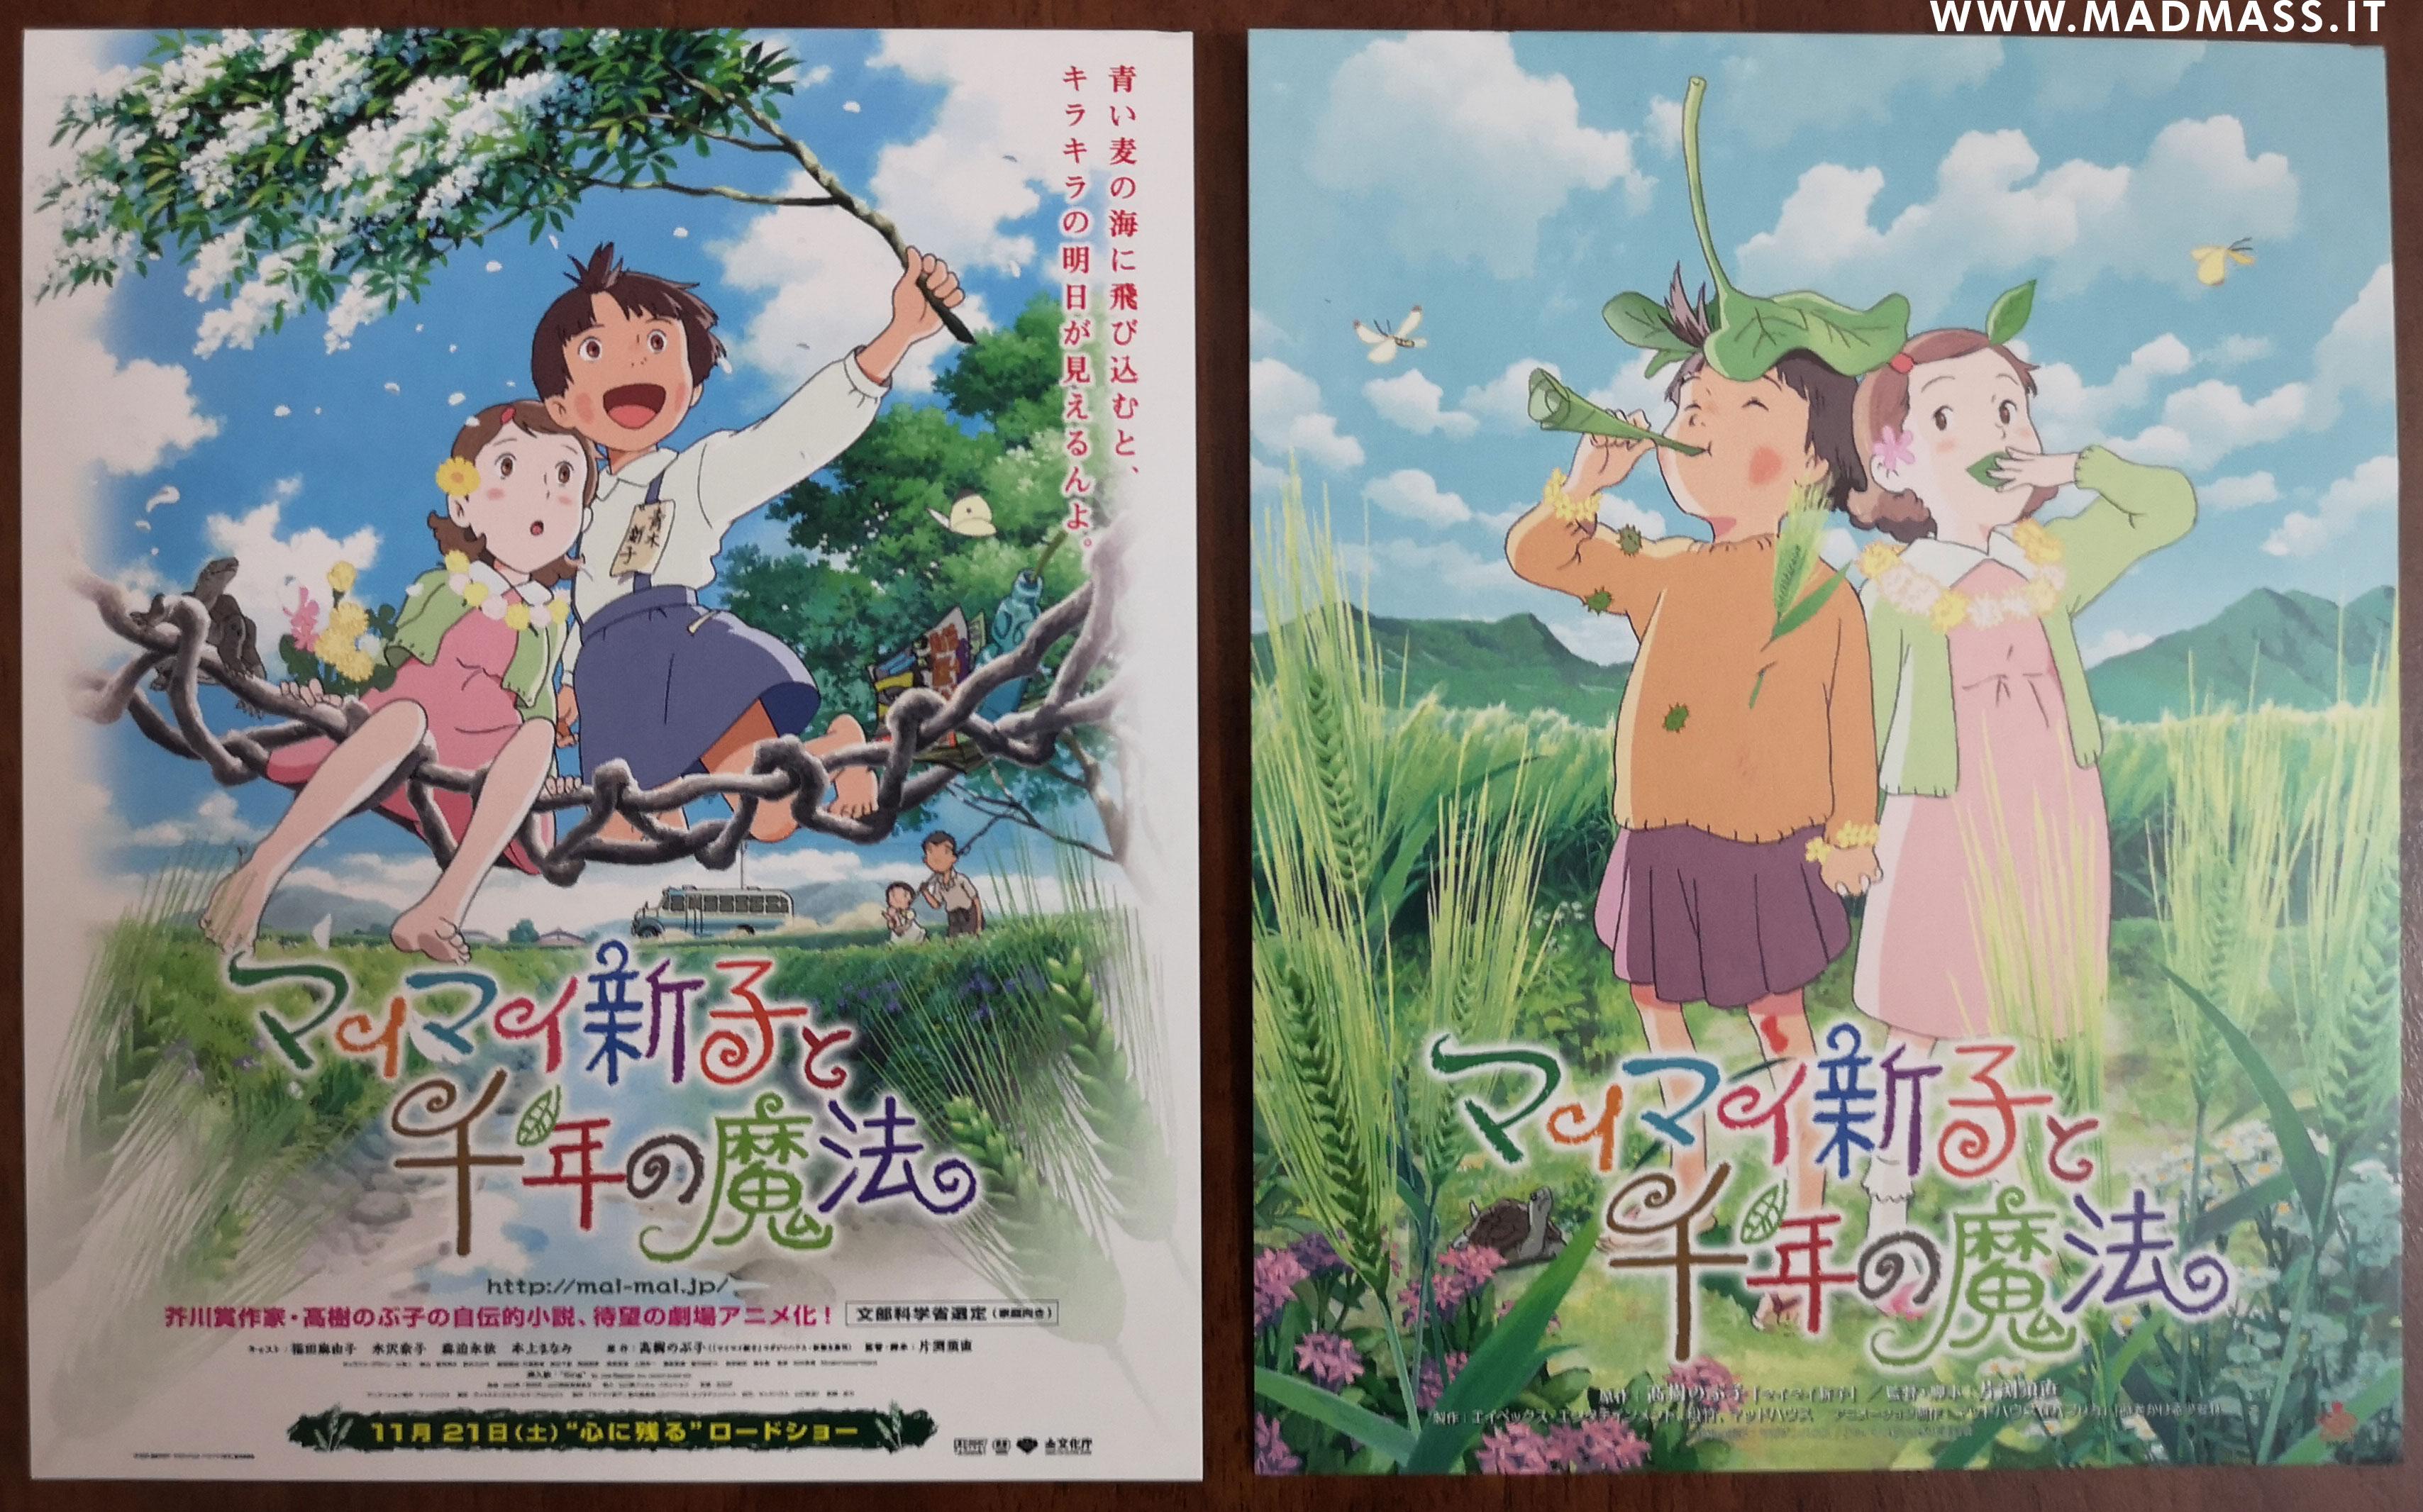 Le 2 card con i poster originali di Mai Mai Miracle